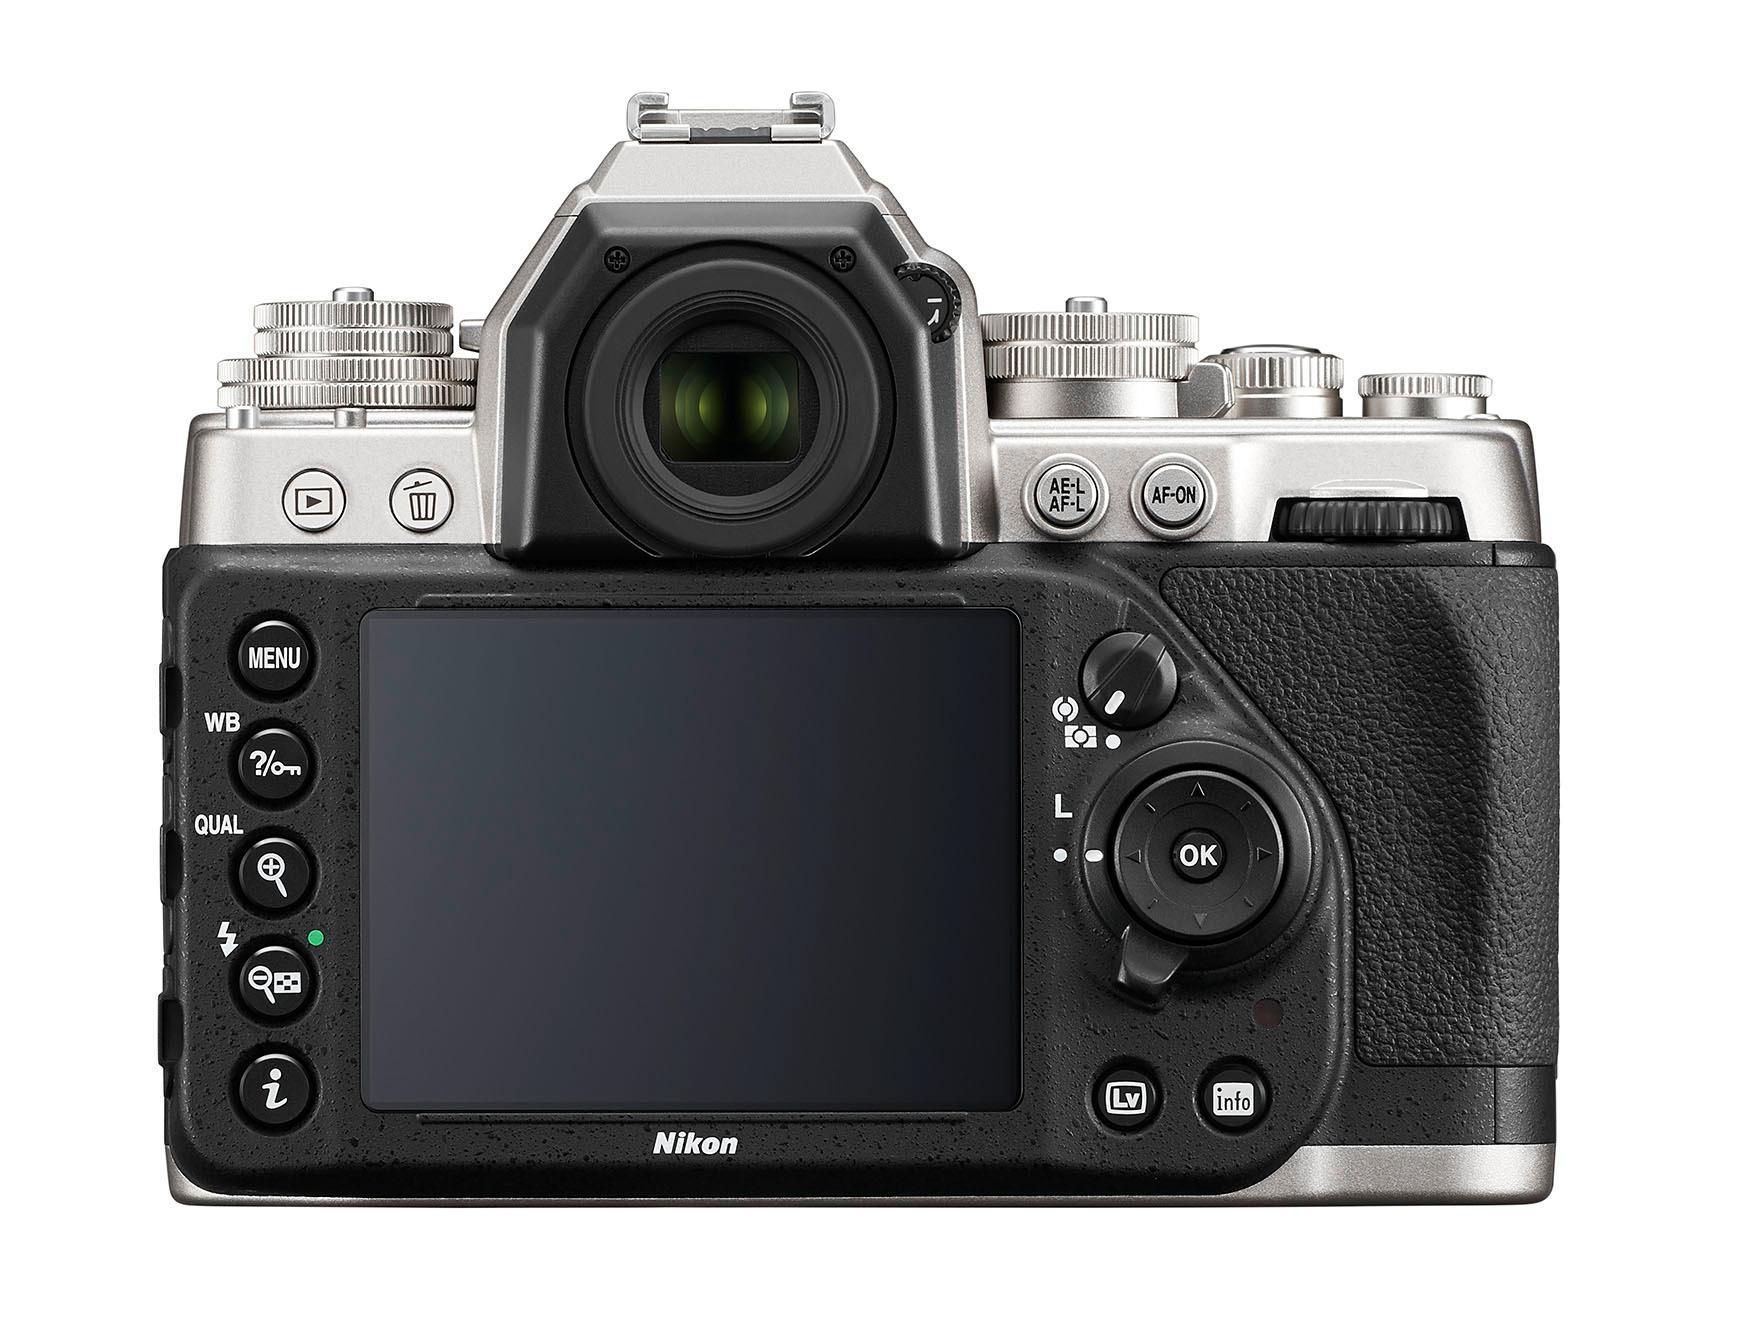 Nikon Dfs bakside. (Foto: Nikon)